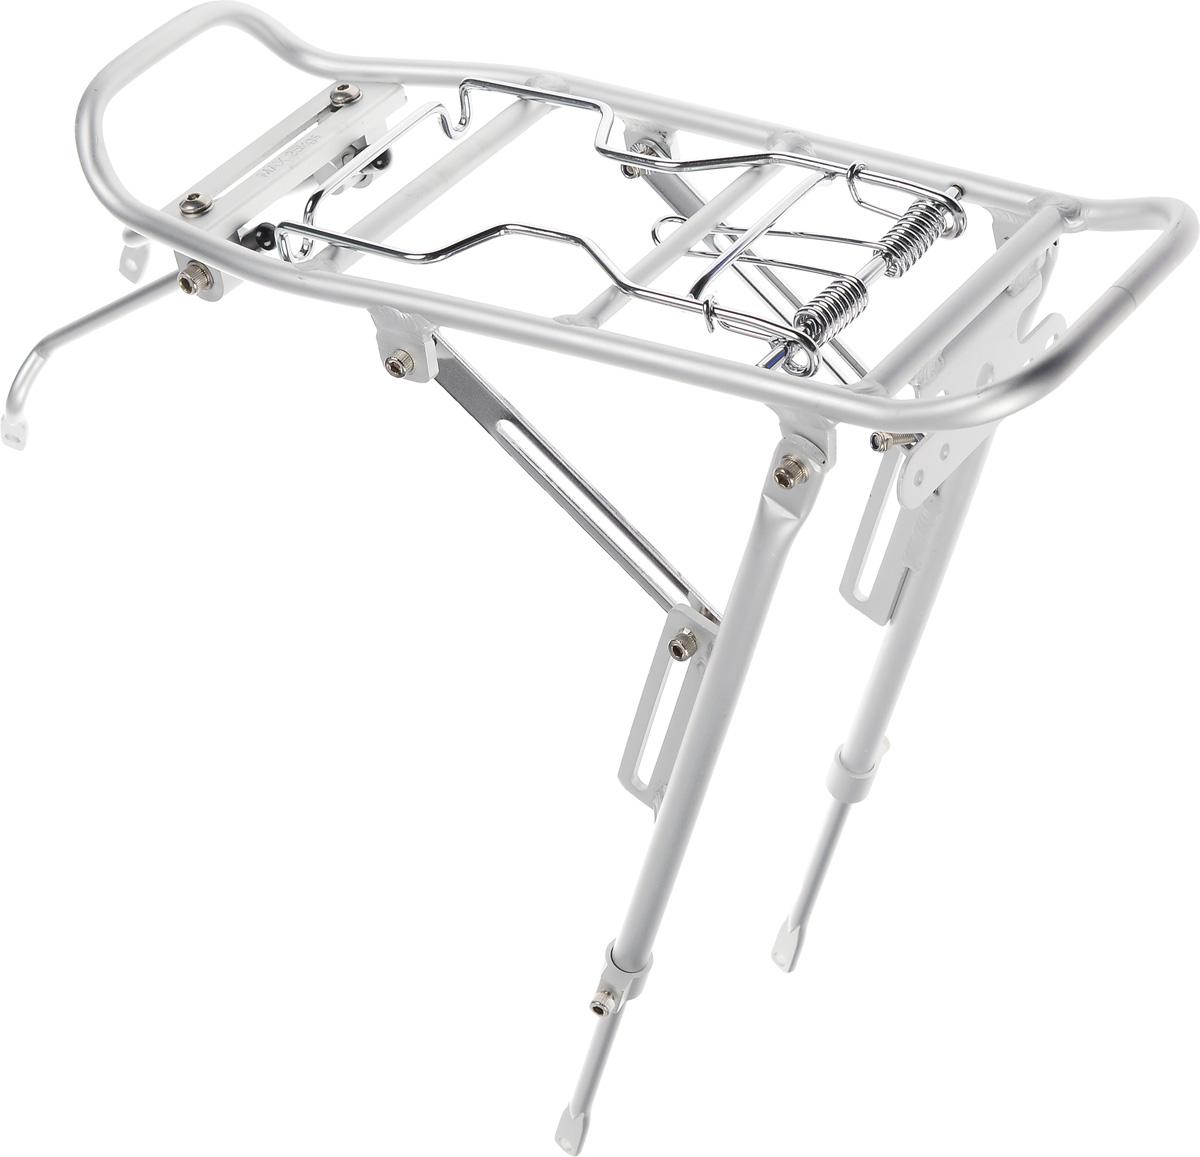 Багажник Massload, цвет: матовый серебристый. CL-522-1ГризлиВелосипедный багажник Massload выполнен из высококачественного легкого металла. Изделие оснащено прижимным механизмом. Подходит для велосипедов с диаметром колеса от 24 до 28. На багажнике имеется площадка для крепления фонаря.Крепеж в комплекте.Максимальная нагрузка: 25 кг.Размер рабочей части багажника: 39 х 14 см.